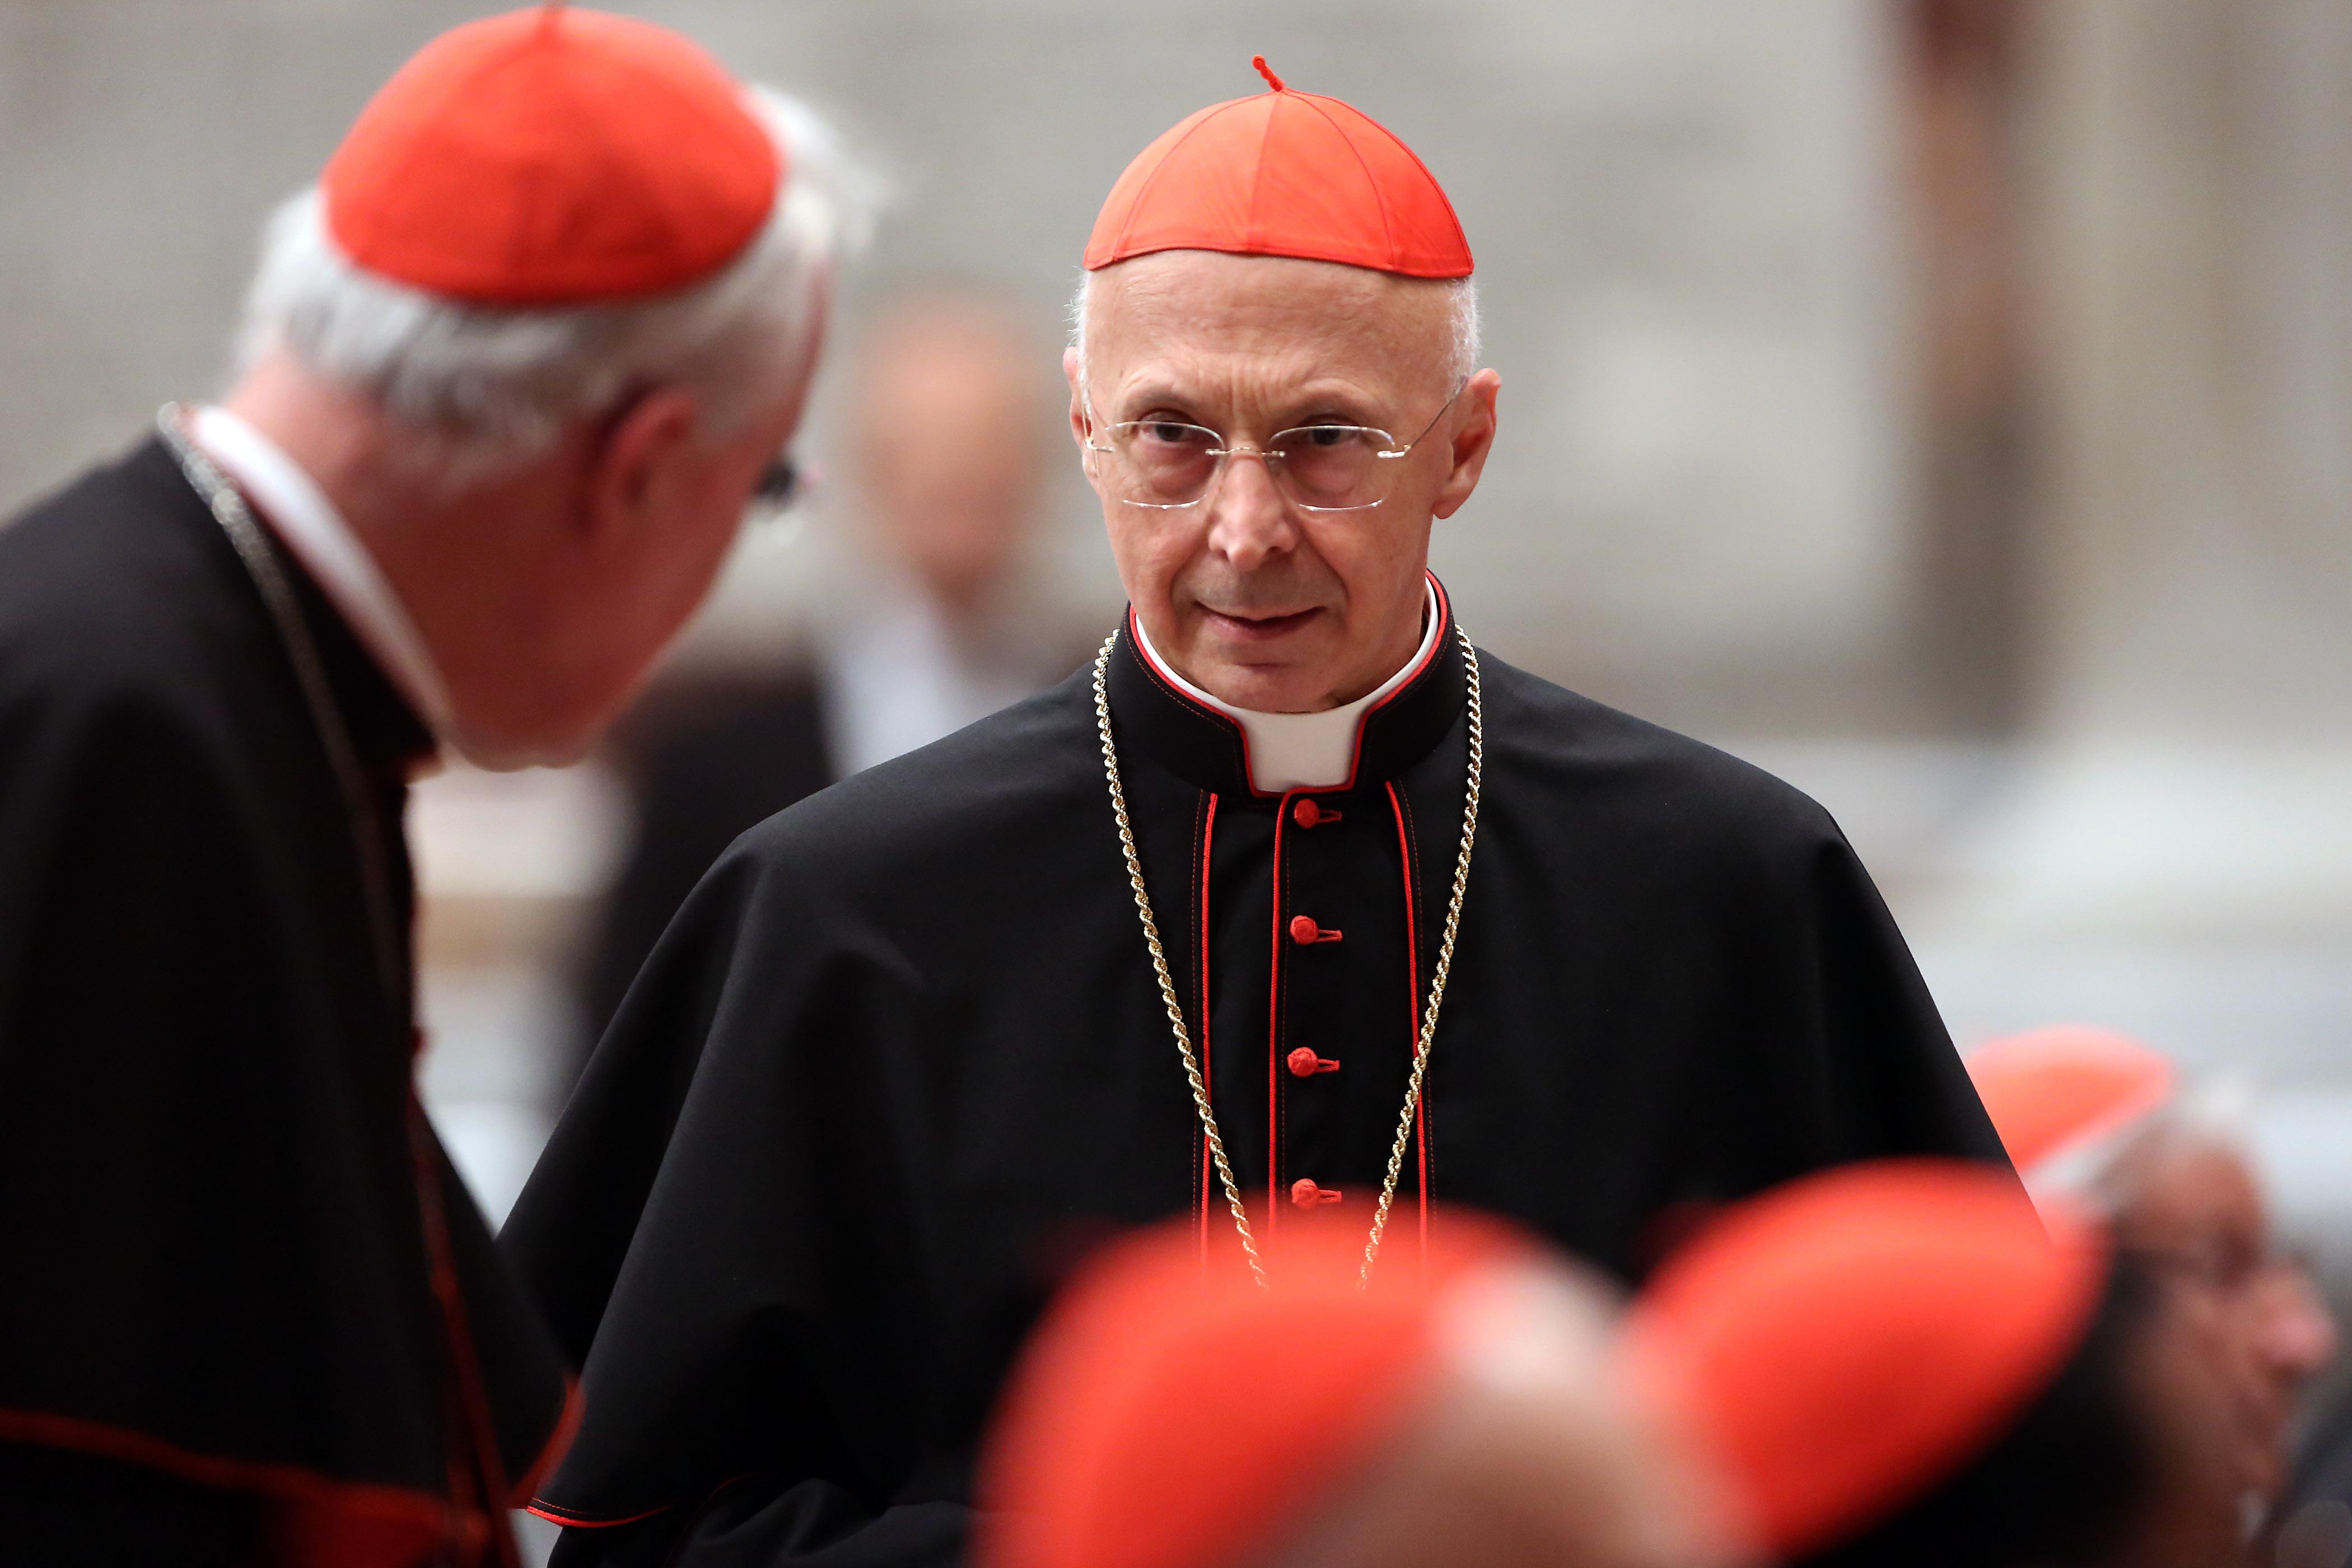 I vescovi contro divorzio breve e teoria gender colpiscono i bambini - La finestra di overton ...